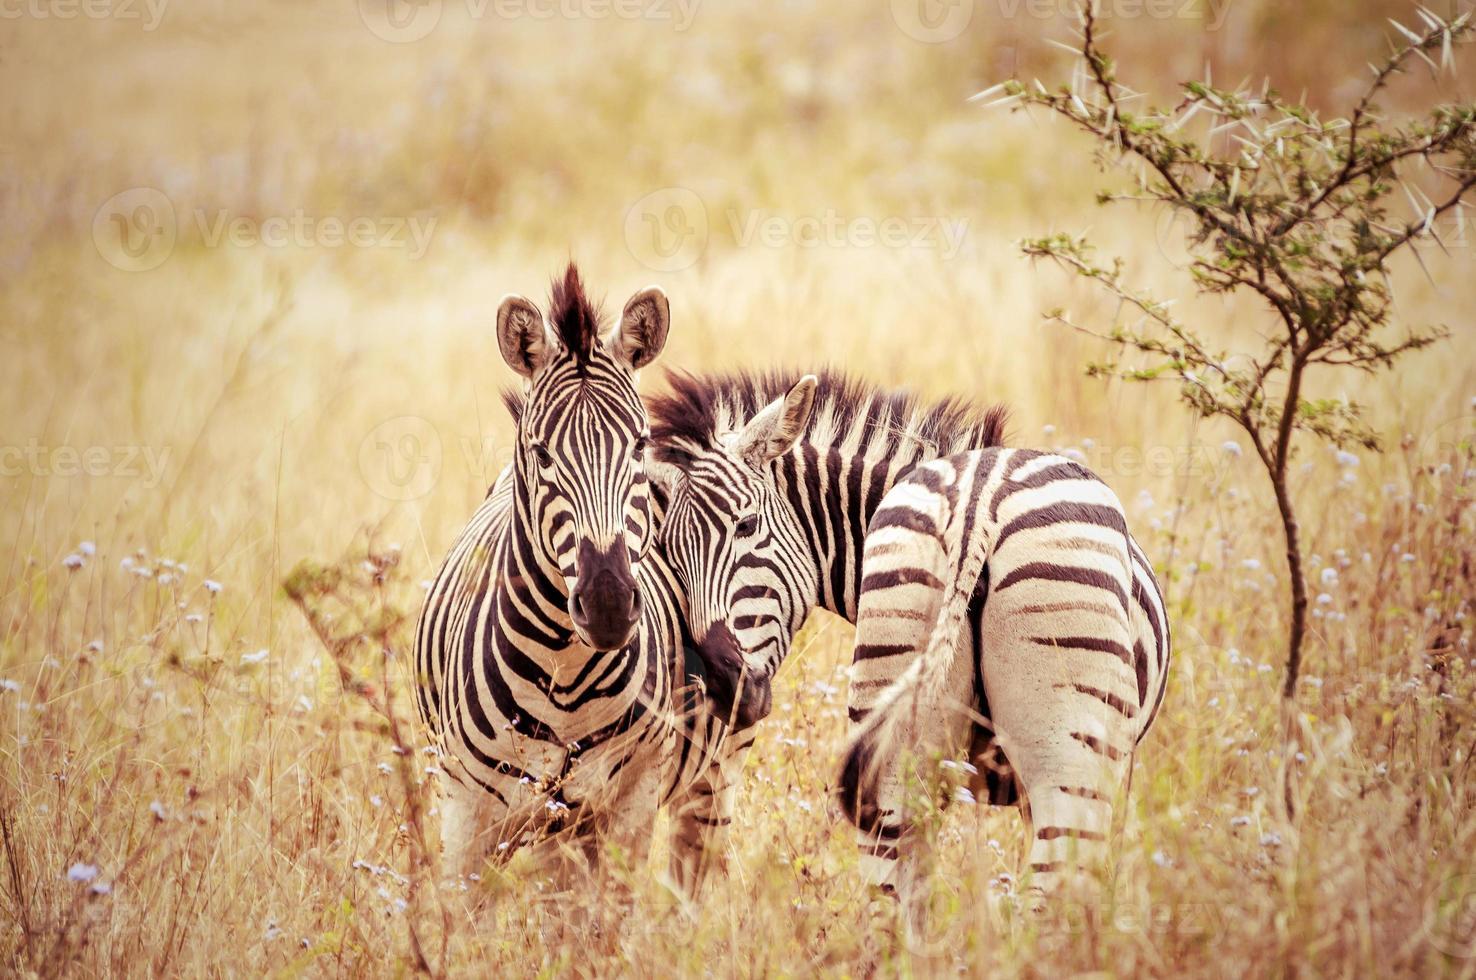 amor no mundo da zebra, áfrica do sul foto